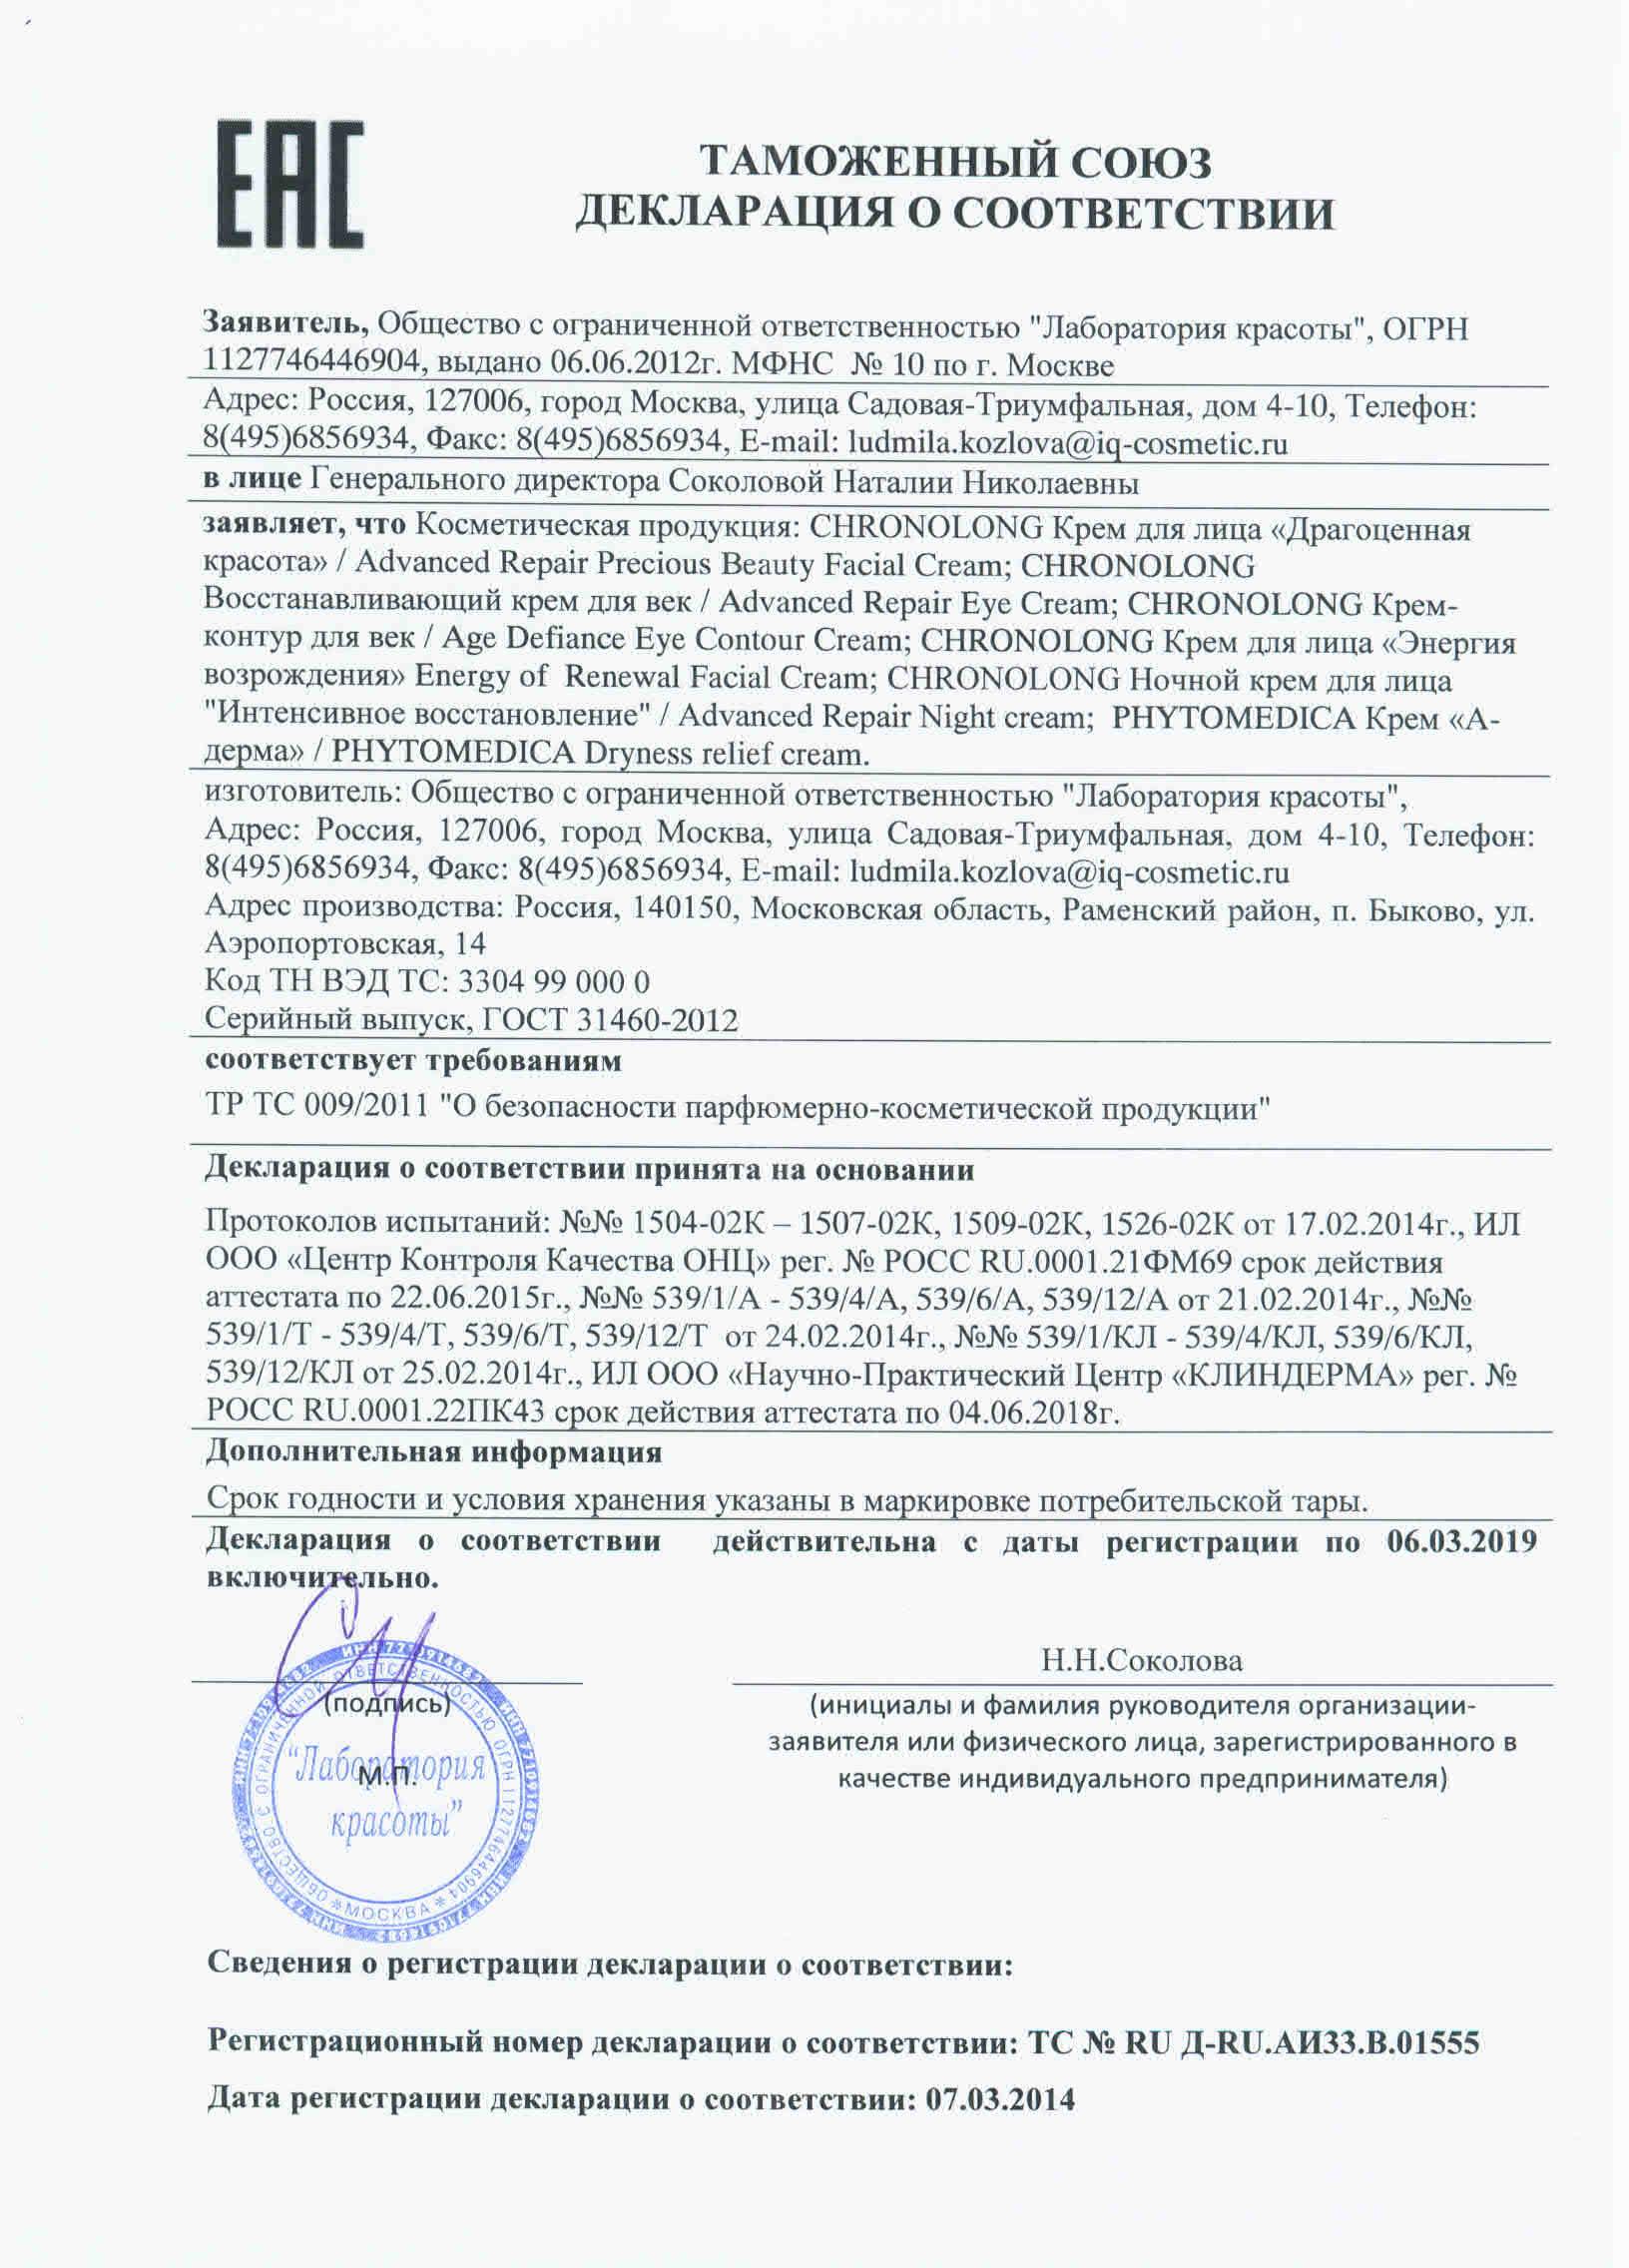 * По результатам клинико-лабораторных испытаний ЦКБ РАН .